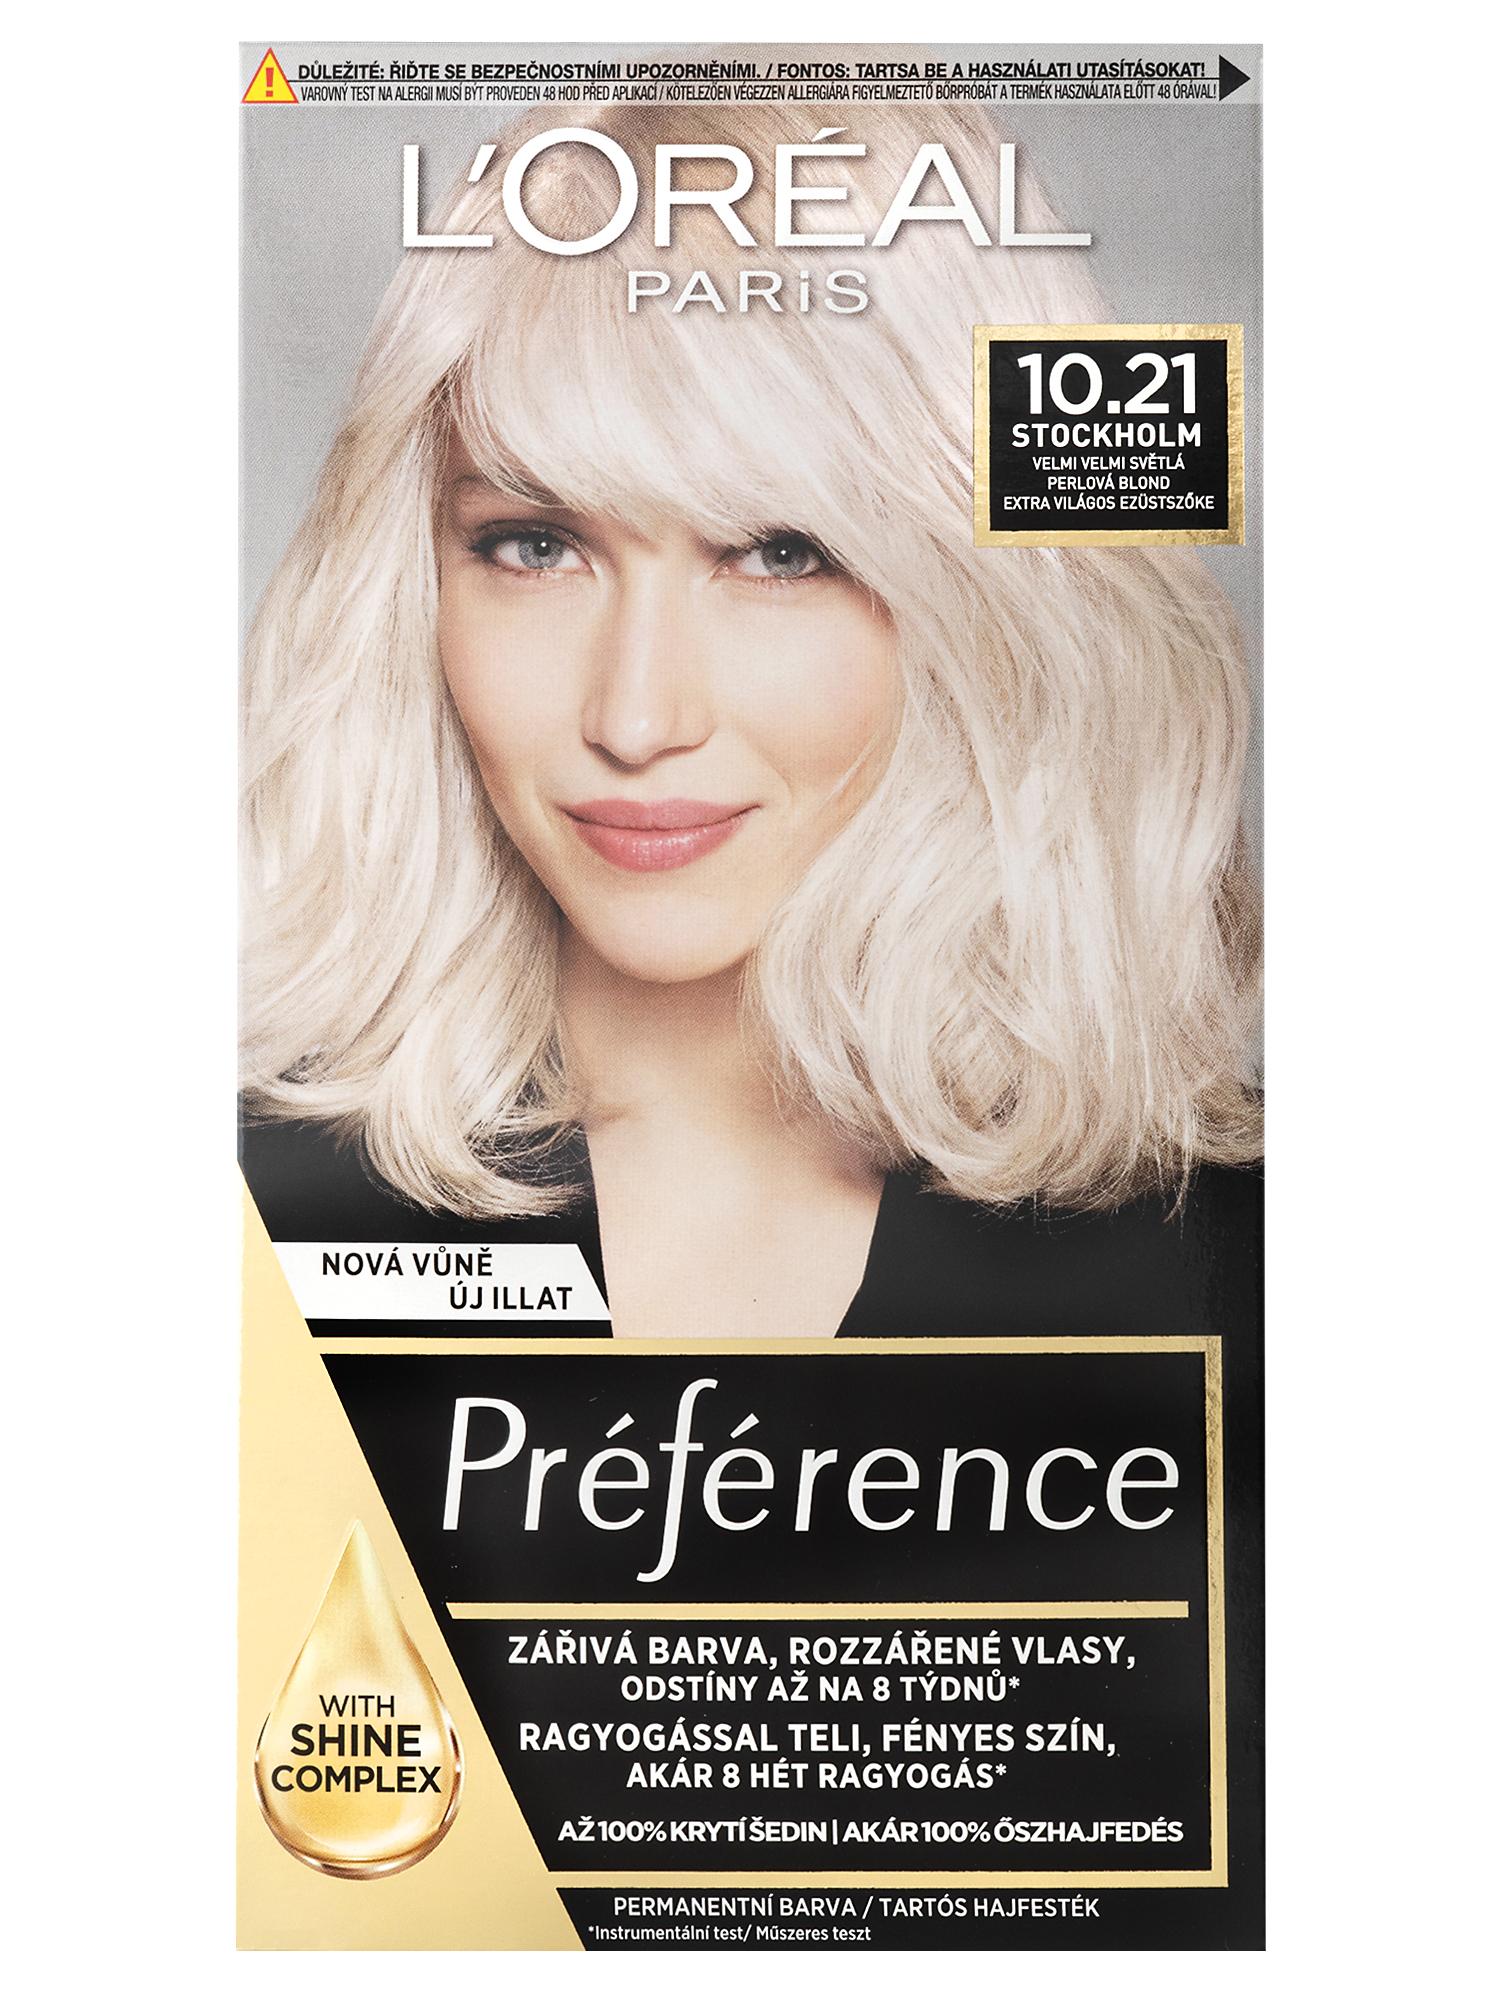 Permanentní barva Loréal Préférence 10.21 velmi velmi světlá perlová blond + DÁREK ZDARMA